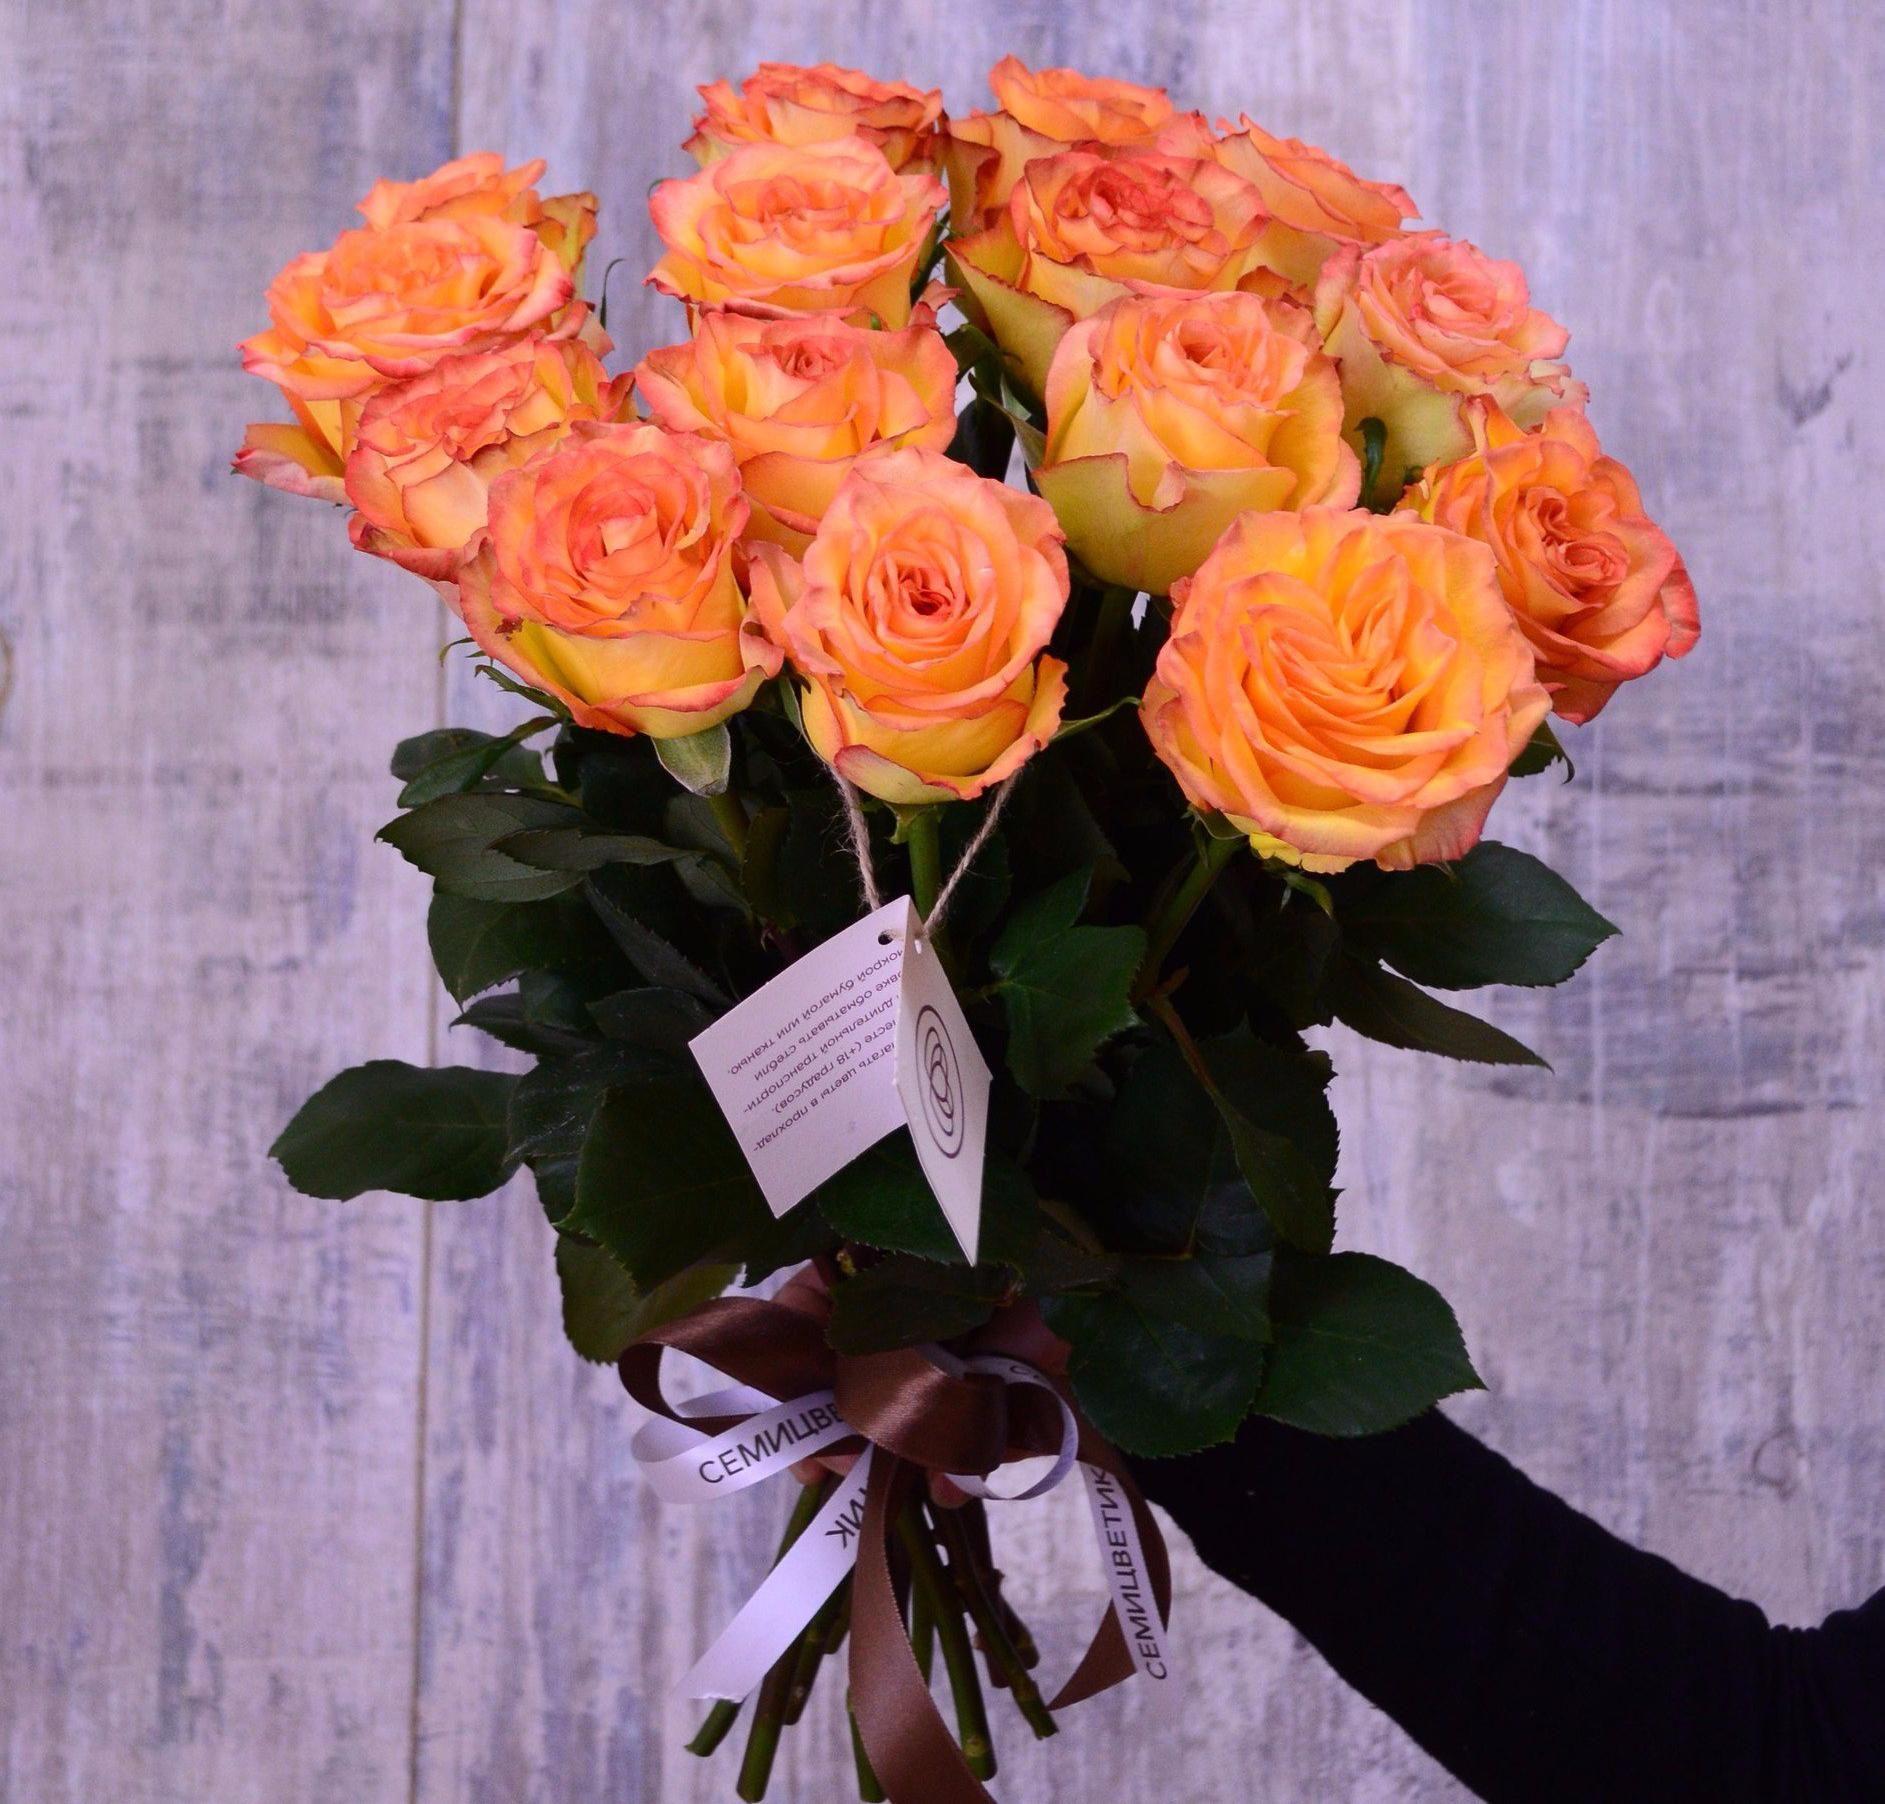 15 желтых с красной каймой роз High Magic 50 см фото